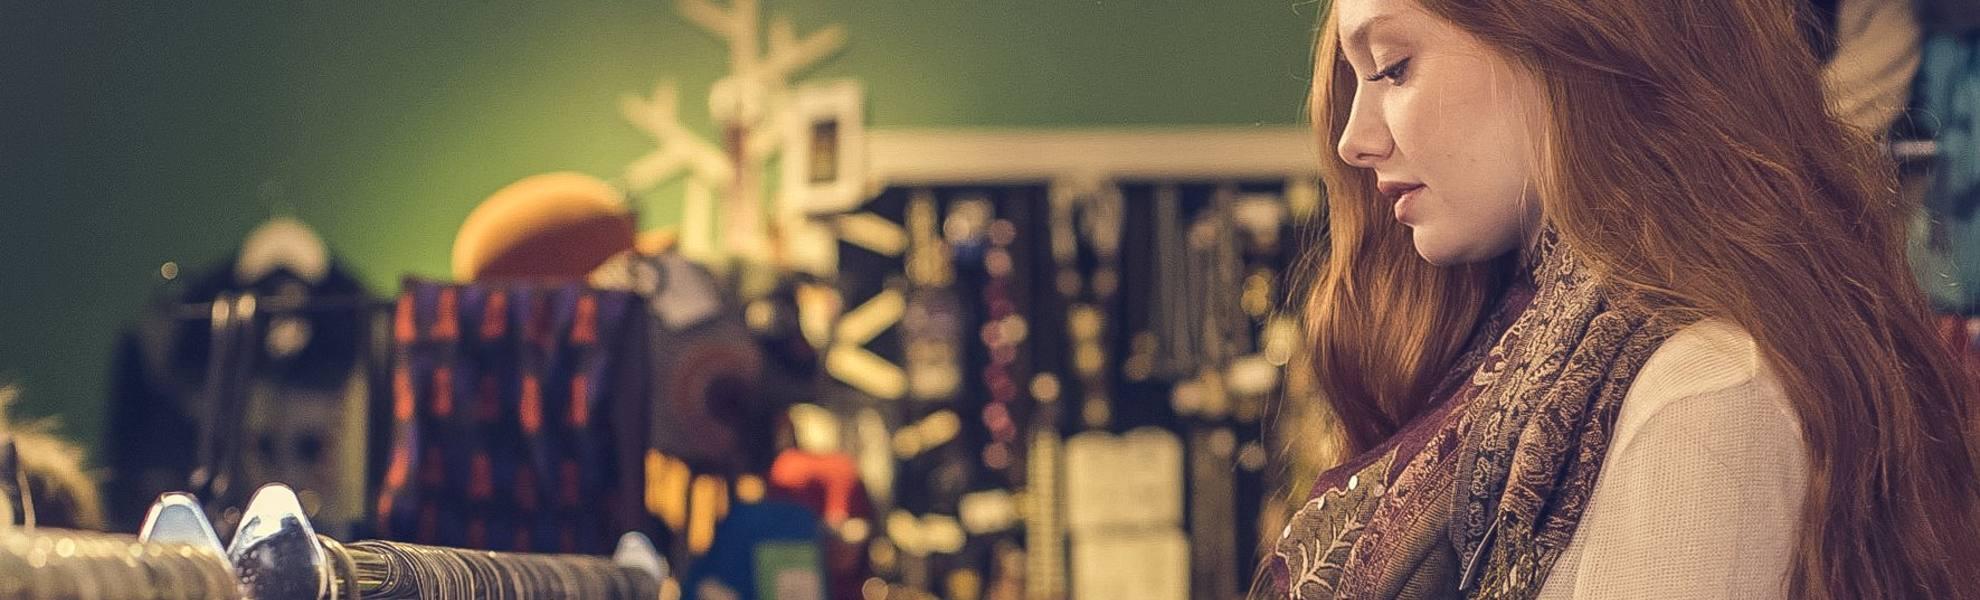 Шопопотам - блог о шоппинге, размерные сетки